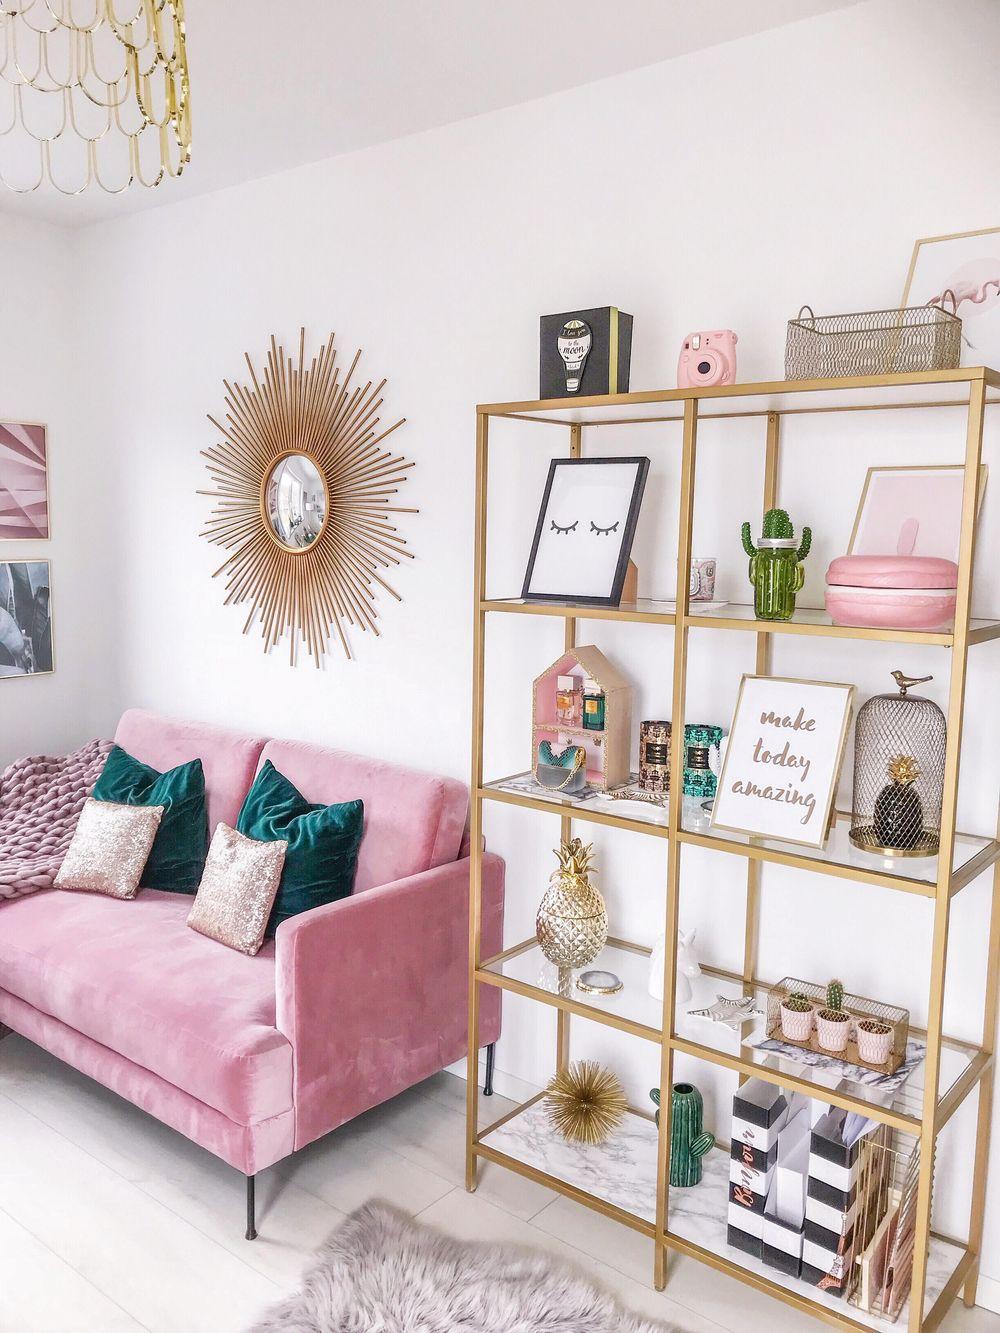 deco elegante feminine canape rose etagere or